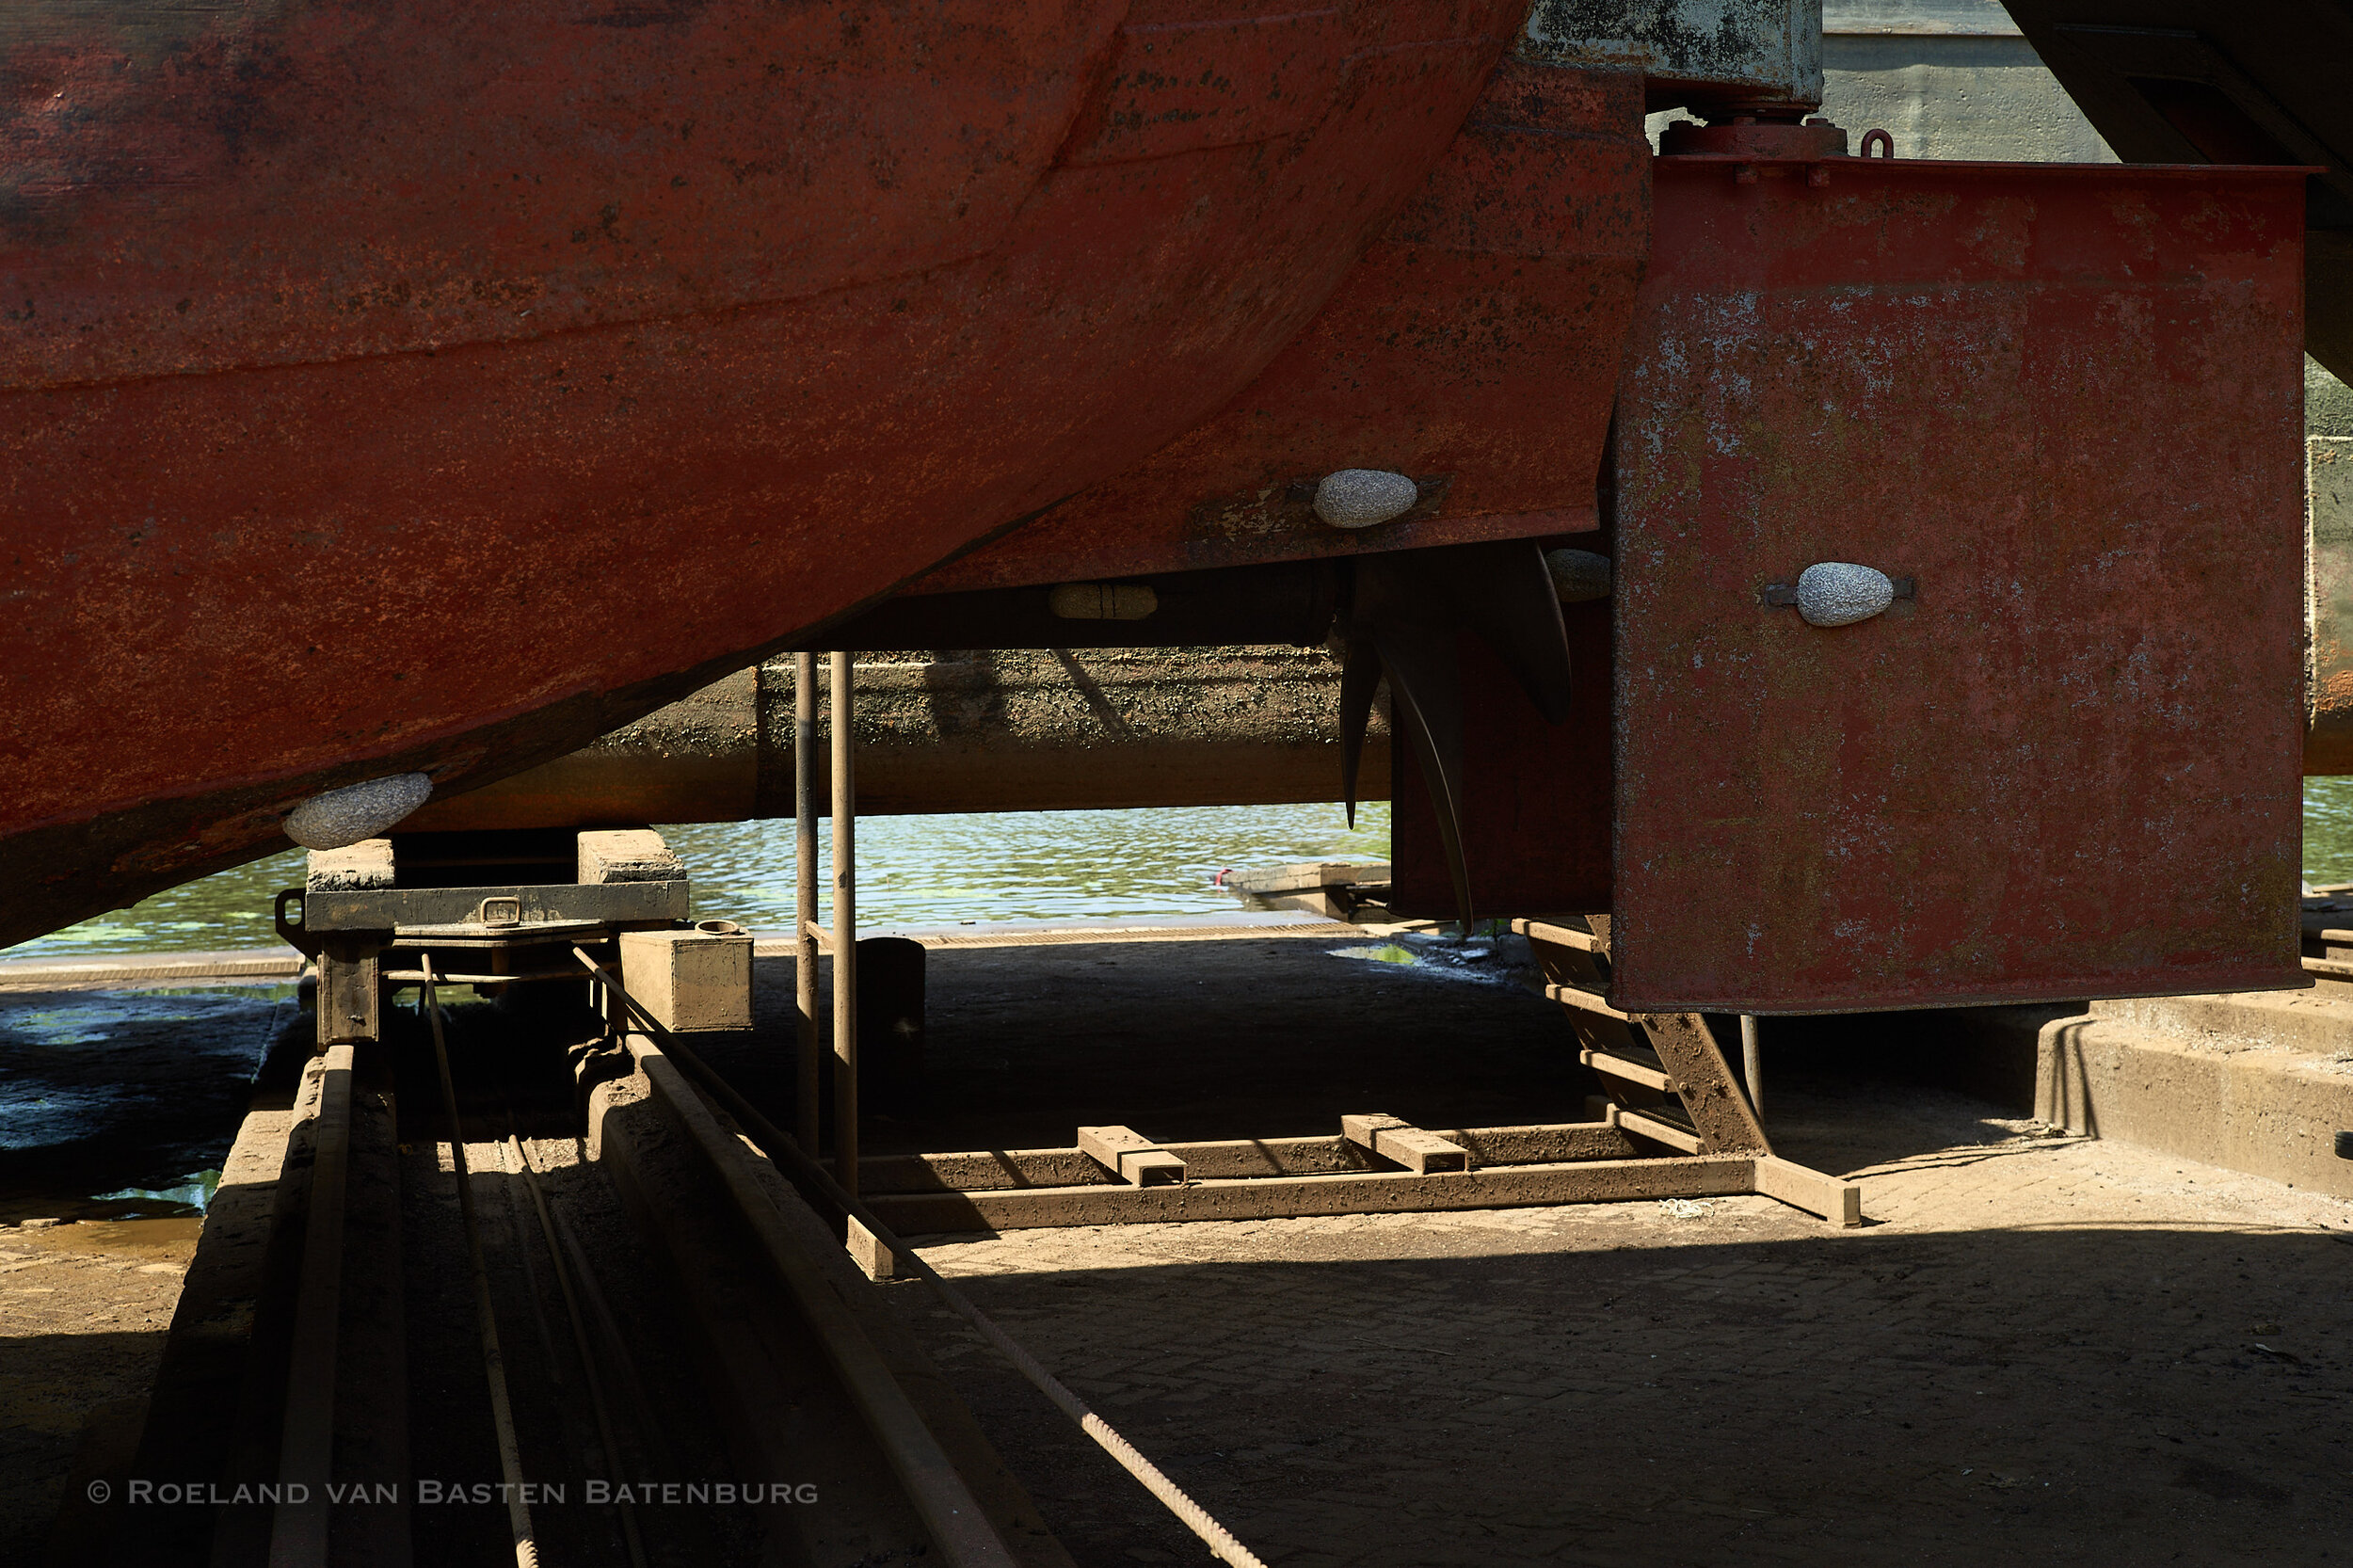 De roeren en het achterschip. Het hele onderwaterschip is tot aan het dek met de hogedruk spuit schoongemaakt, alle oude verf- en teer resten zijn weg